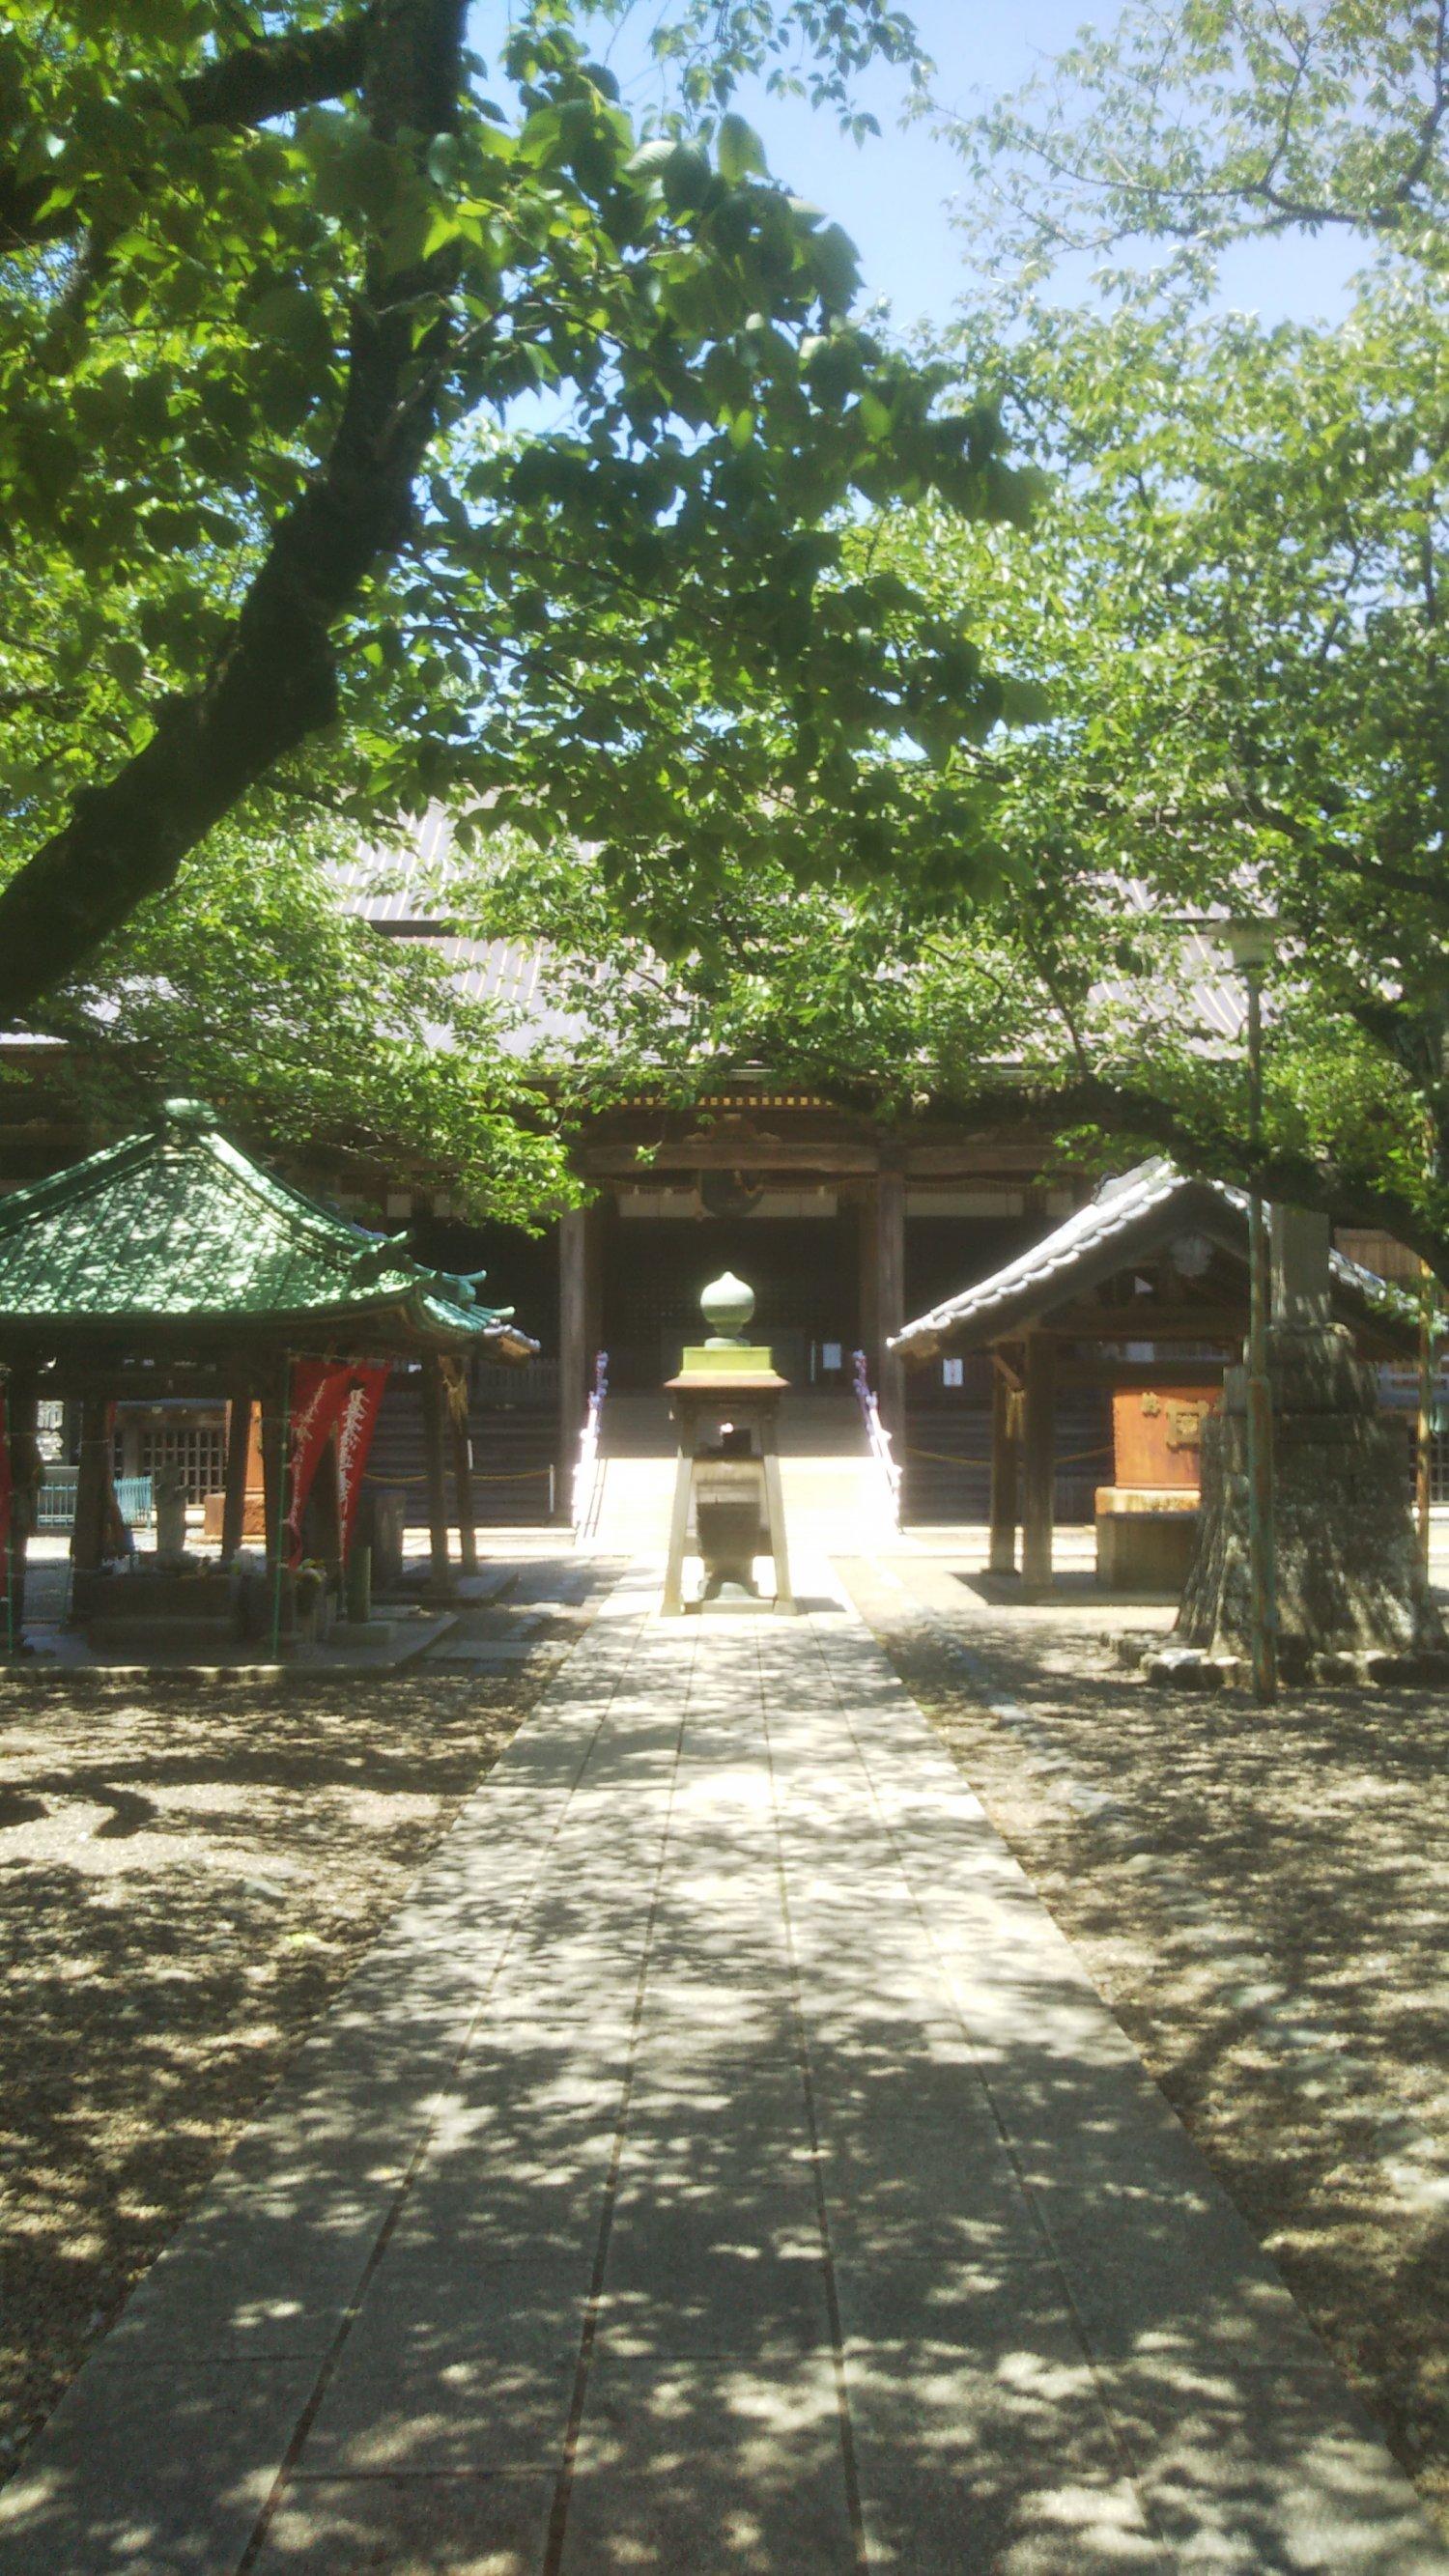 法華経寺の祖師堂と